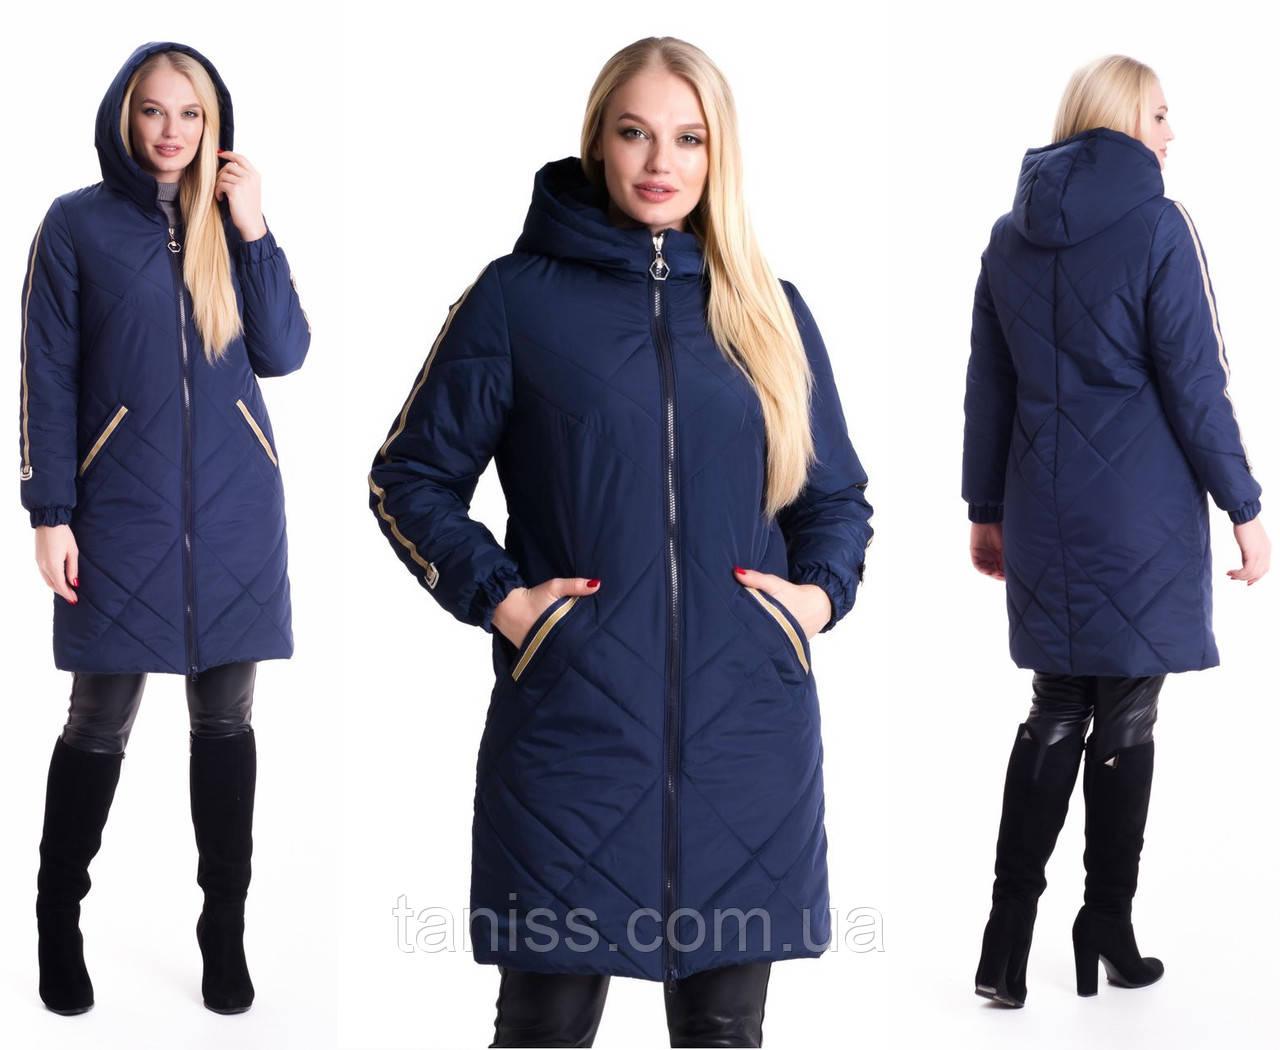 Молодежная, весенняя , демисезонная куртка  на молнии, Размеры 42. 44. 46. 48. 50. 56. 58. 60 синий